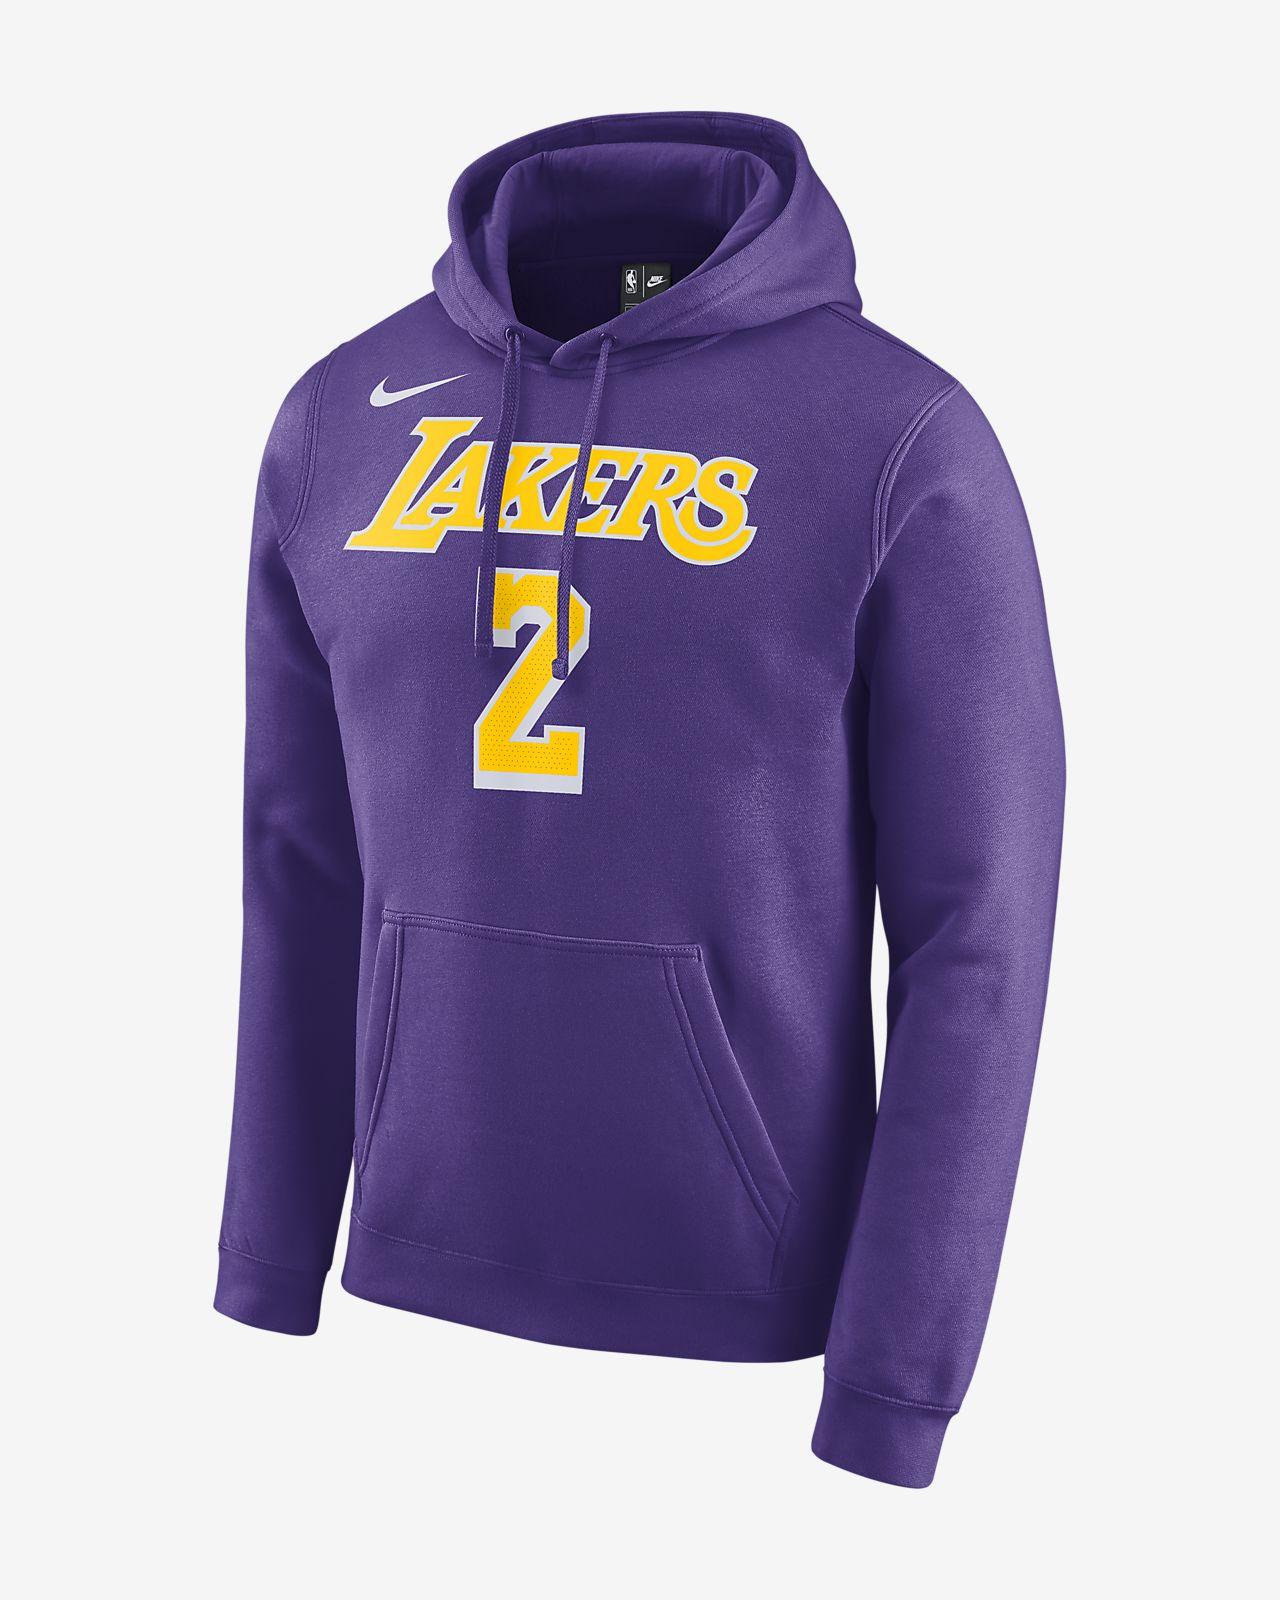 洛杉矶湖人队 (Lonzo Ball) Nike 男子 NBA 连帽衫